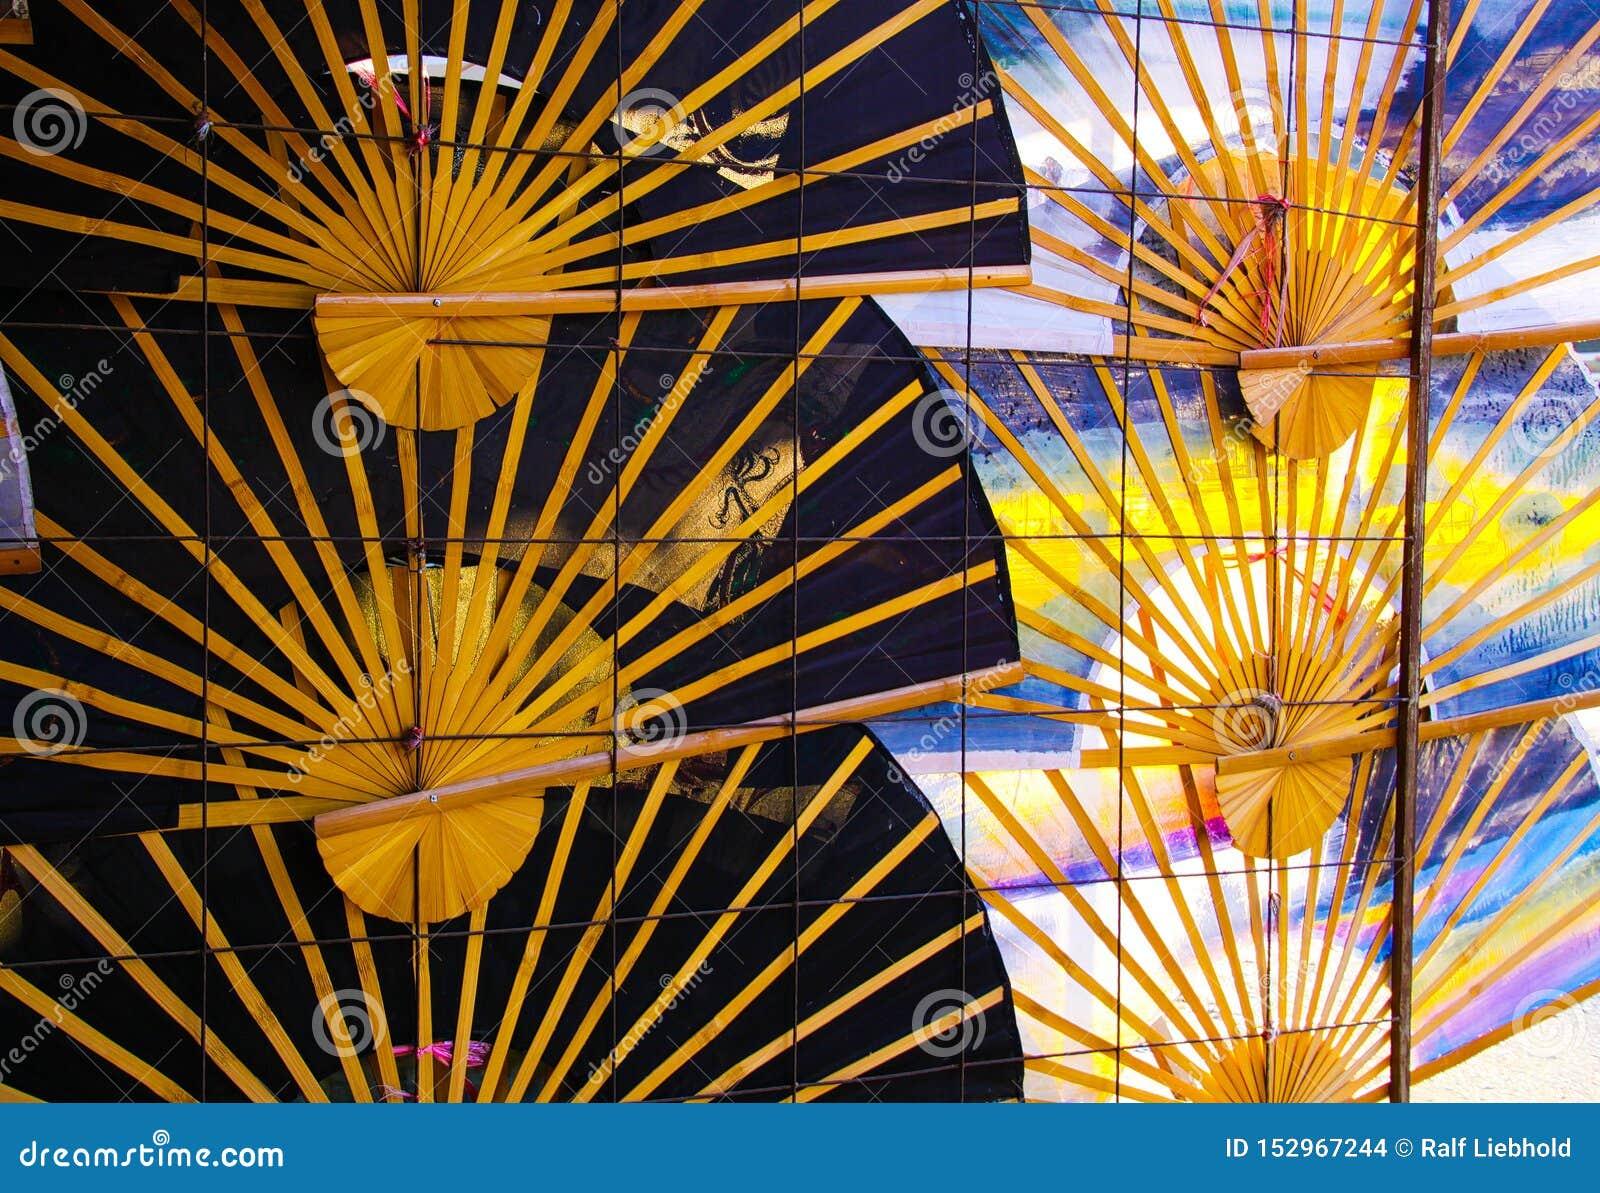 Paraguas tradicionales de las fans de la mano en fila en la pared - Chiang Mai, Tailandia